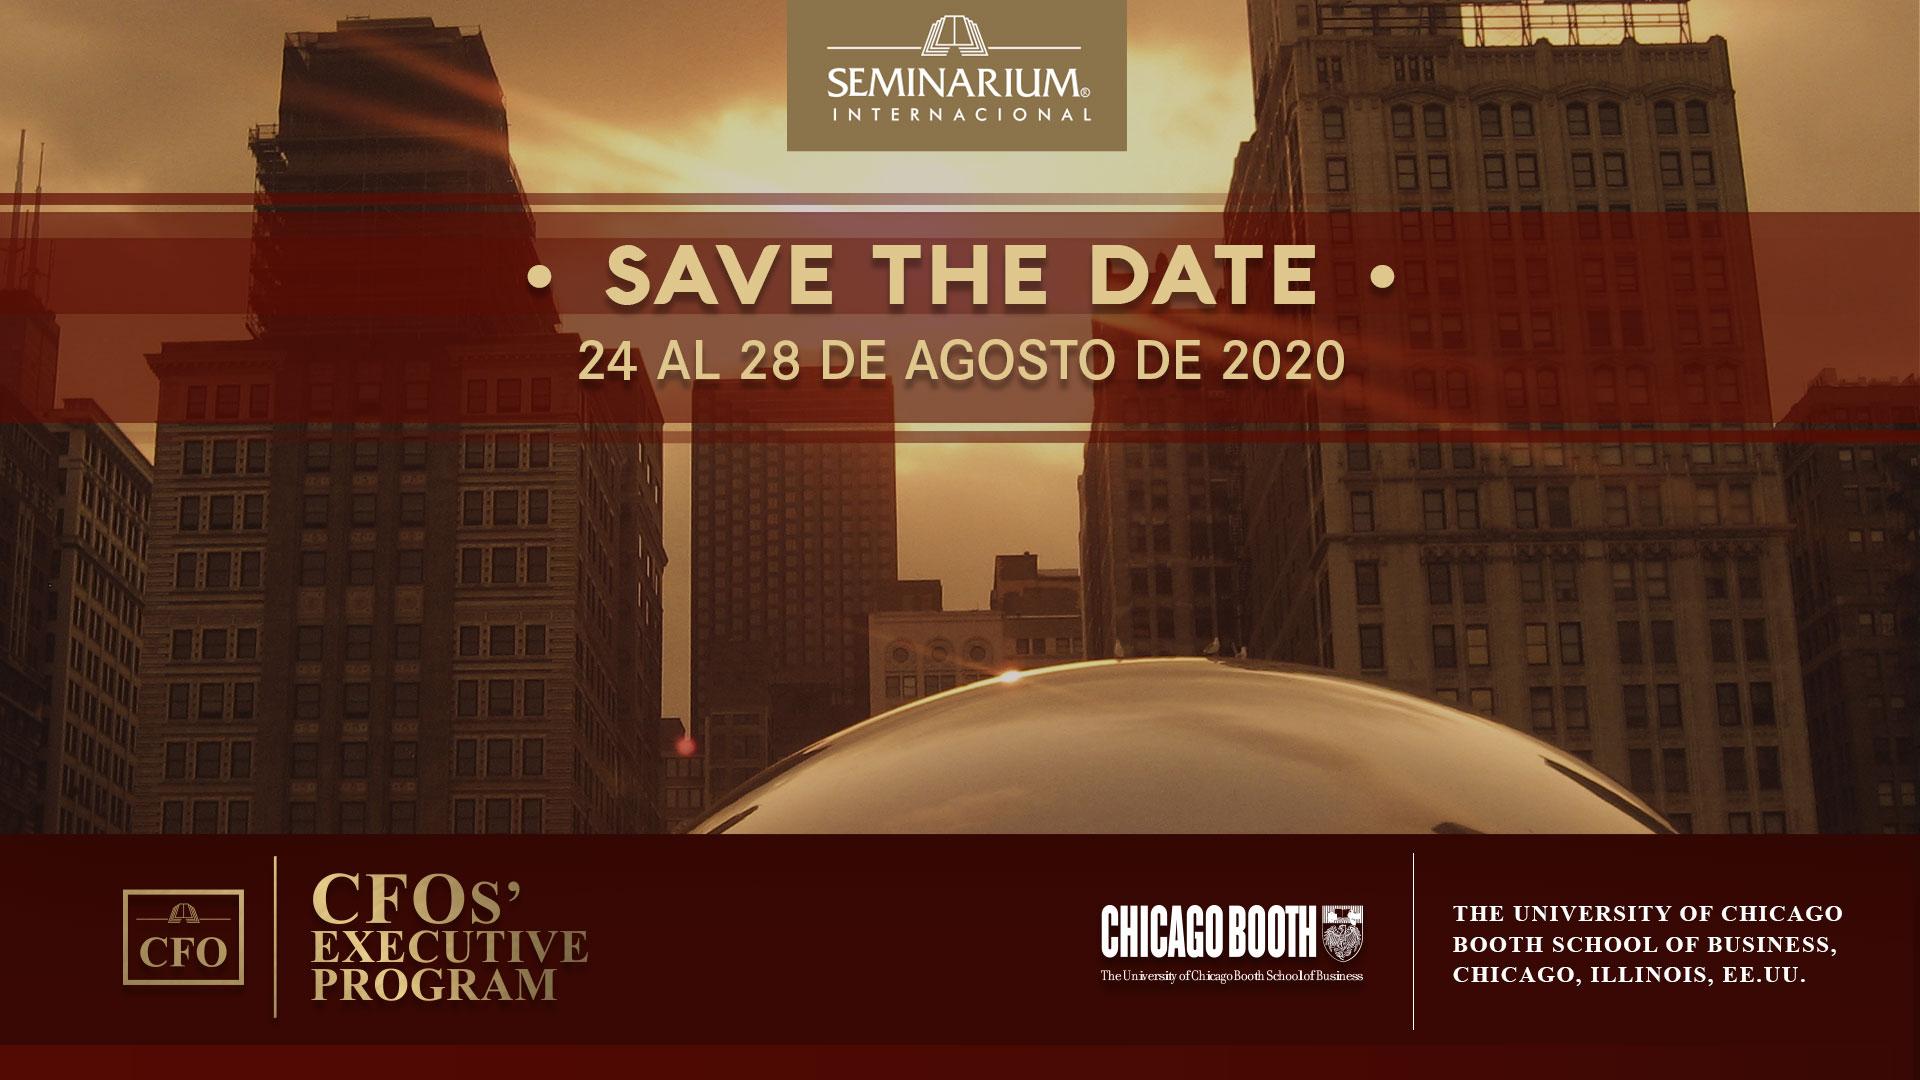 Programa Executive CFOs Executive Program en Chicago Booth